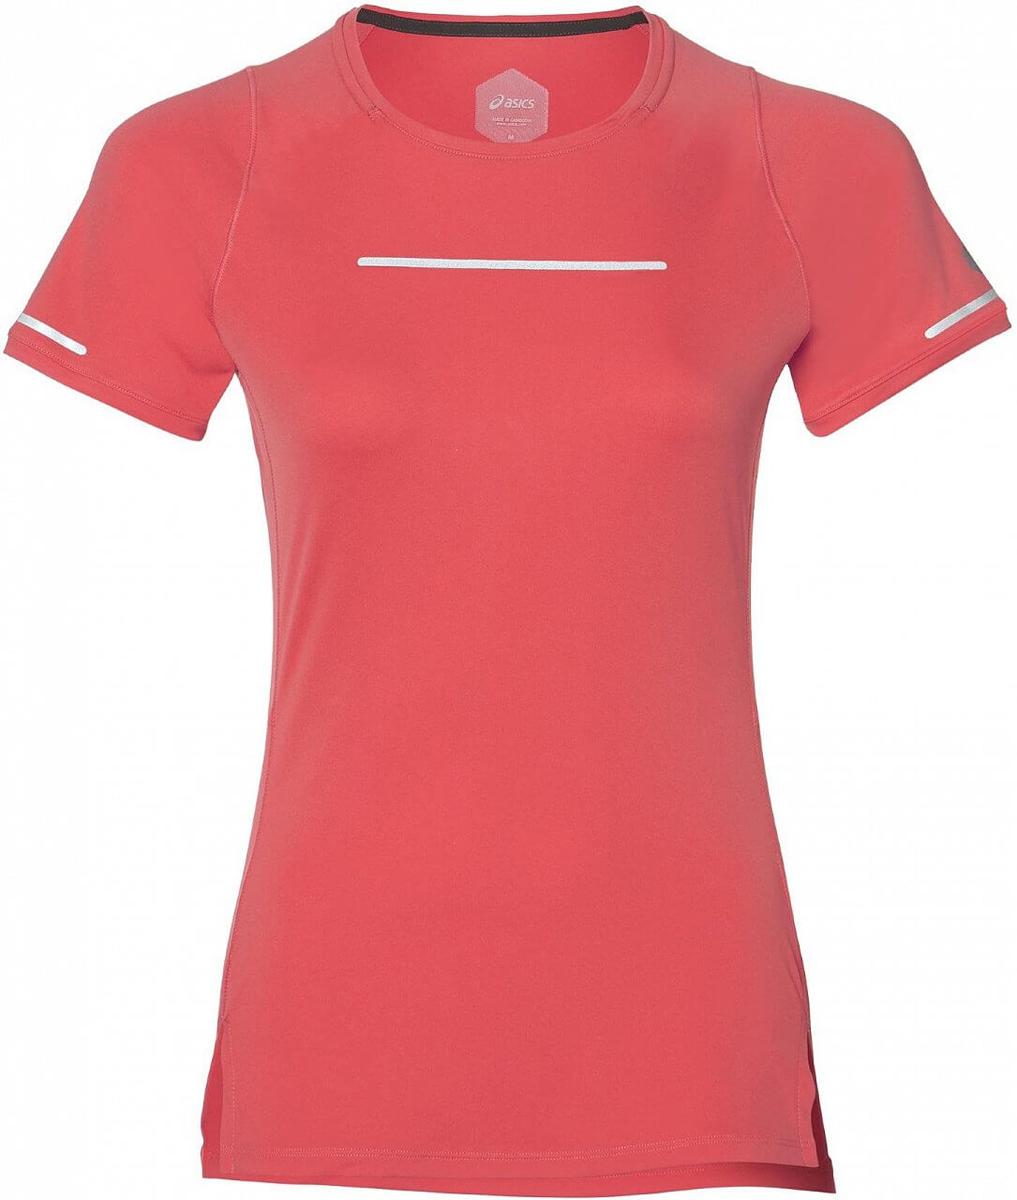 Футболка женская Asics Lite-Show Ss Top, цвет: коралловый. 154528-0698. Размер L (48)154528-0698